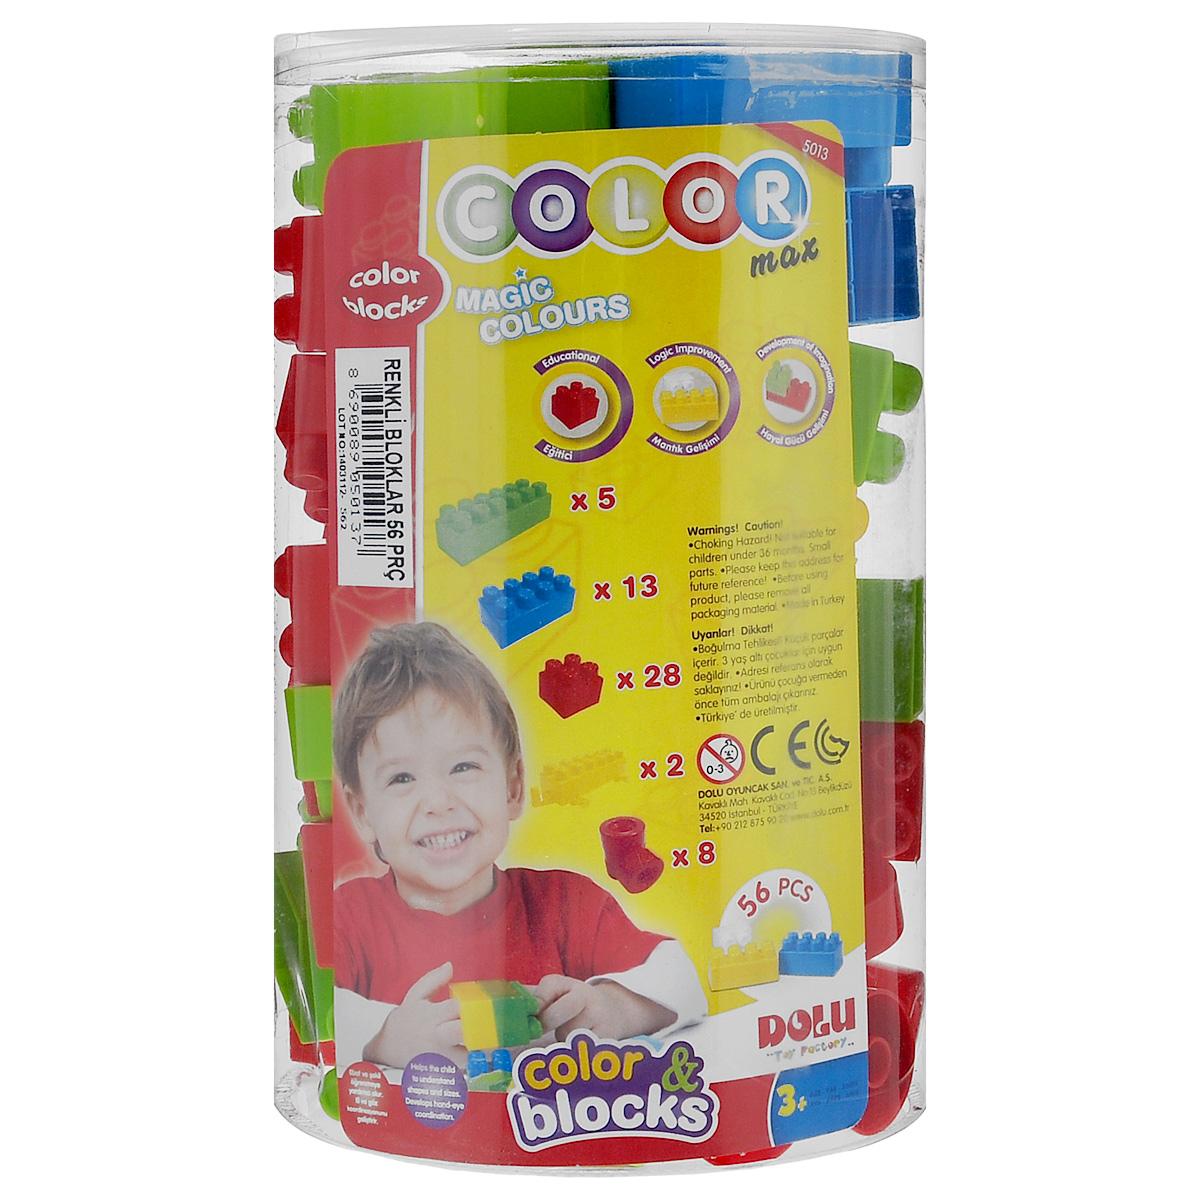 Dolu Конструктор Color Max5013 D-5Конструктор Dolu Color Max понравится любому ребенку. Он содержит 56 пластиковых элементов различного размера. С помощью этого набора ребенок сможет без труда создать любые поделки - простор для творчества ограничен лишь его фантазией! Конструктор разработан специально для малышей. Он имеет увеличенные детали, которые не только удобны для маленьких пальчиков ребенка, но и исключают возможность случайного проглатывания. Конструктор выполнен из прочного пластика. Малыш сможет часами играть с конструктором, комбинируя детали и придумывая различные истории. Игры с конструкторами помогут ребенку развить воображение, внимательность, пространственное мышление и творческие способности.